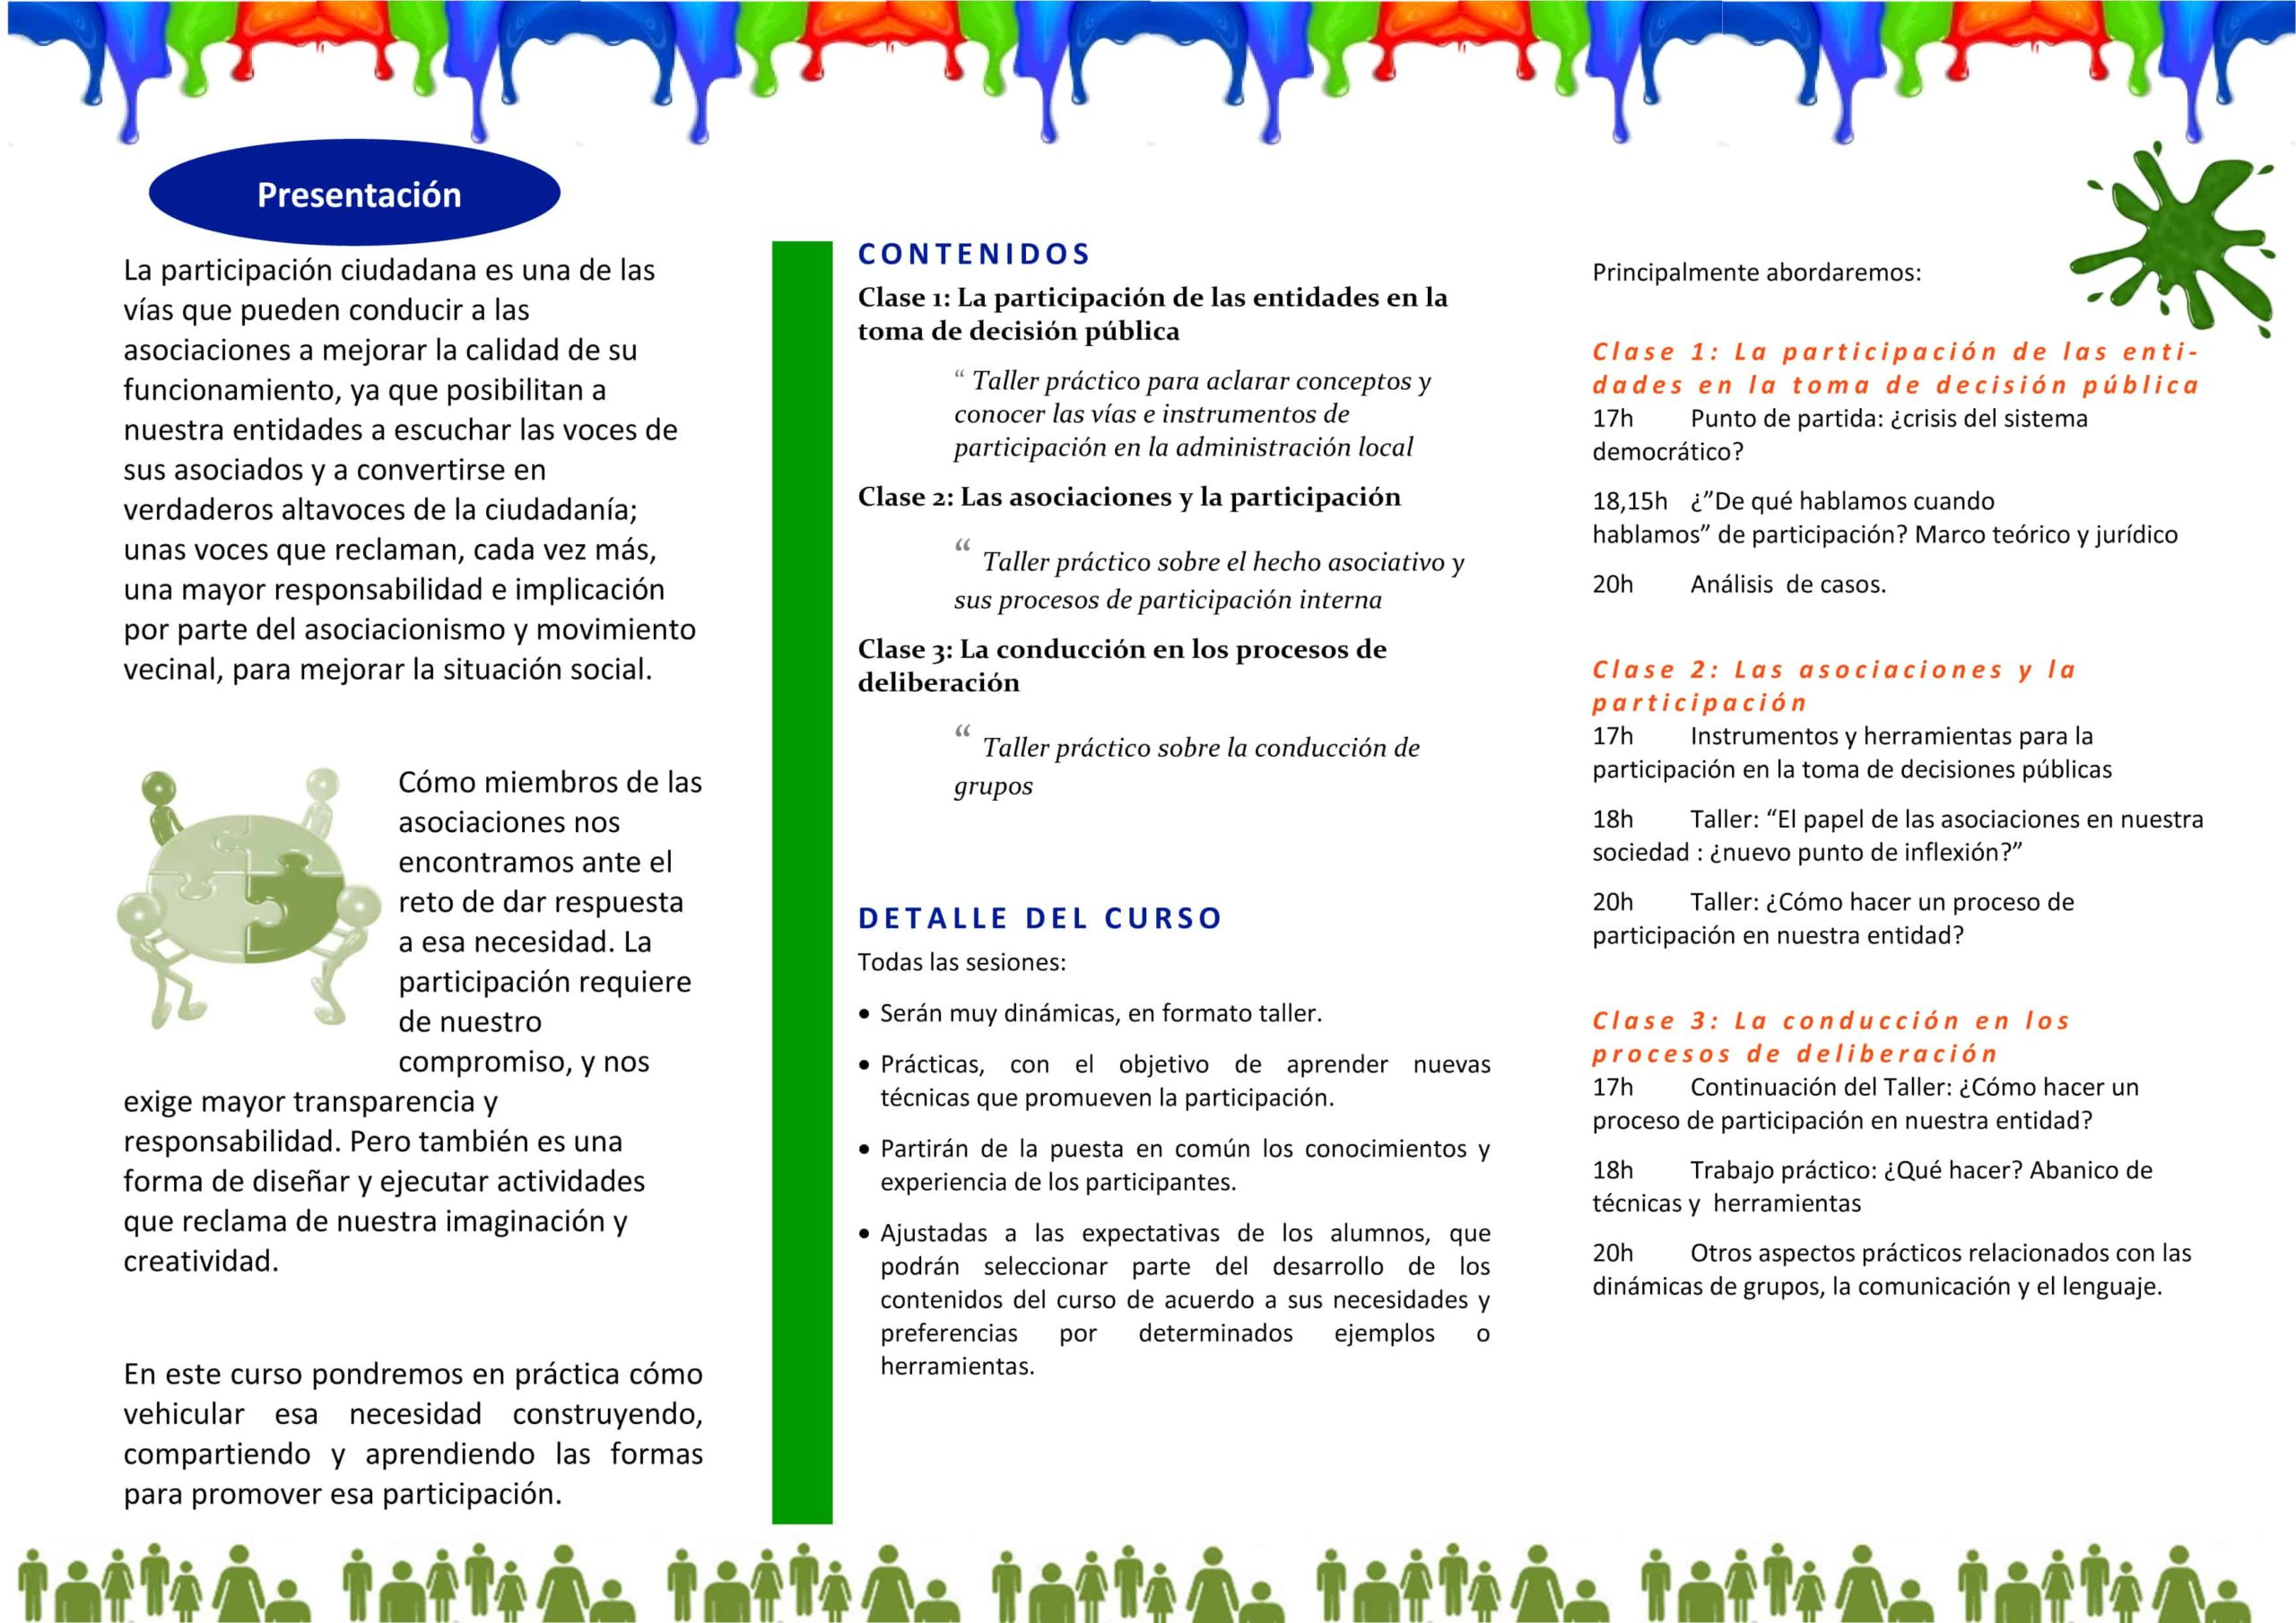 triptico_curso_asociaciones2_copiar.jpg